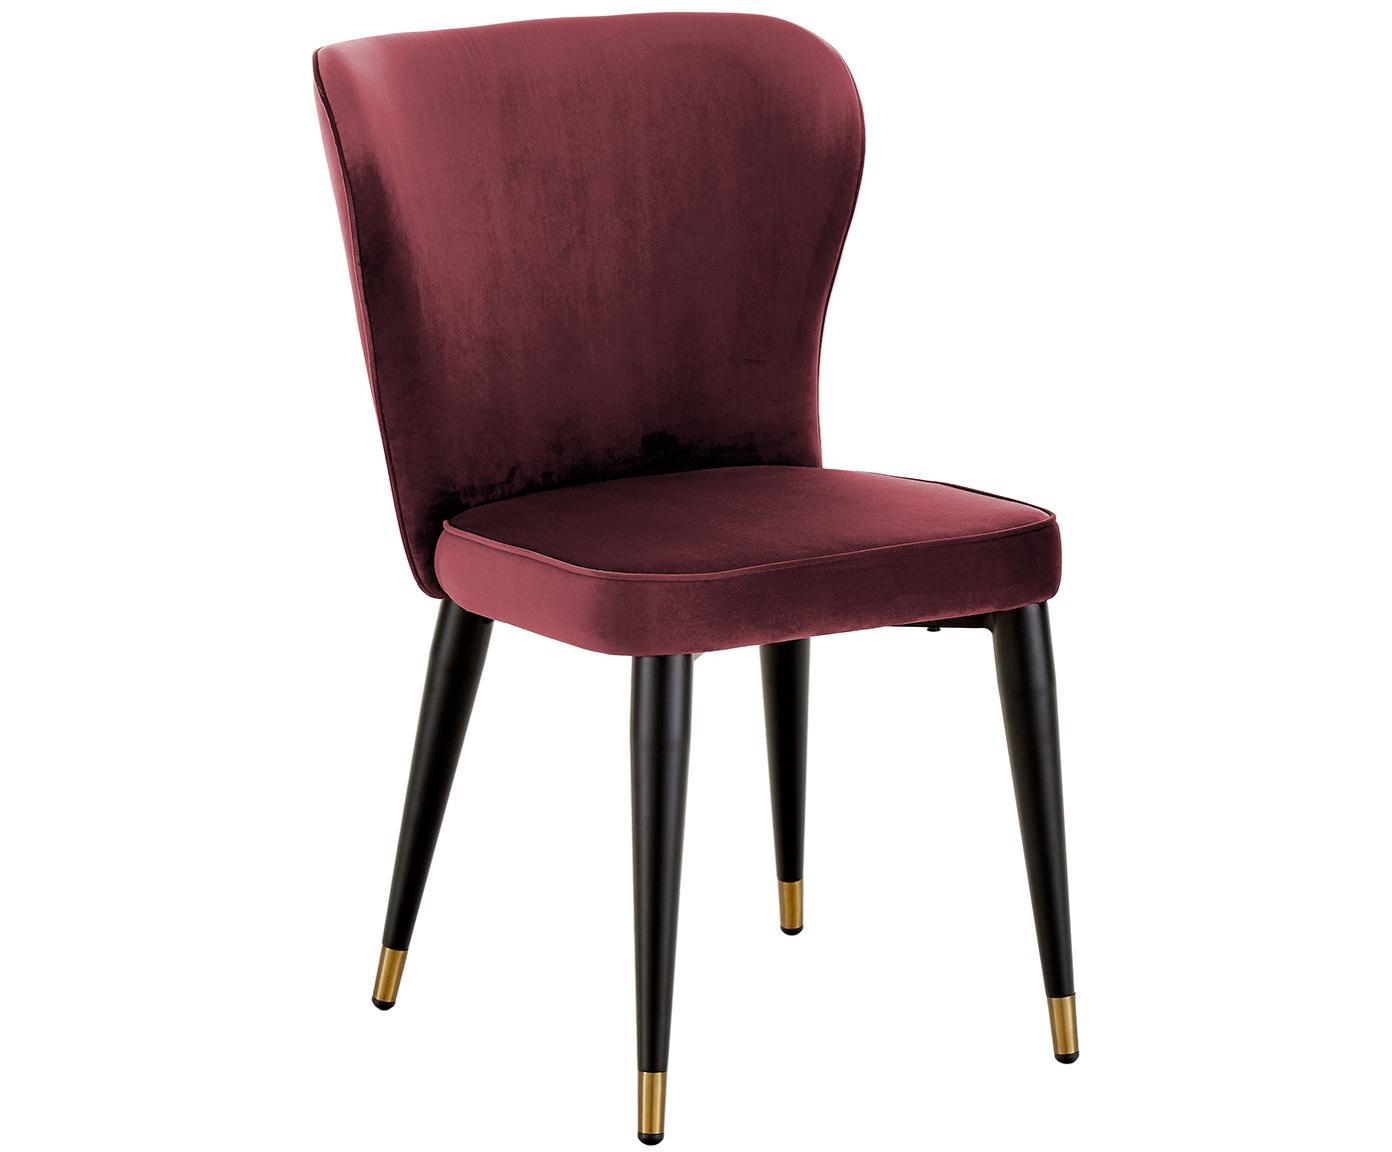 Klassieke fluwelen stoel Cleo, Bekleding: fluweel (polyester), Poten: gepoedercoat metaal, Bordeauxrood, B 51 x D 62 cm